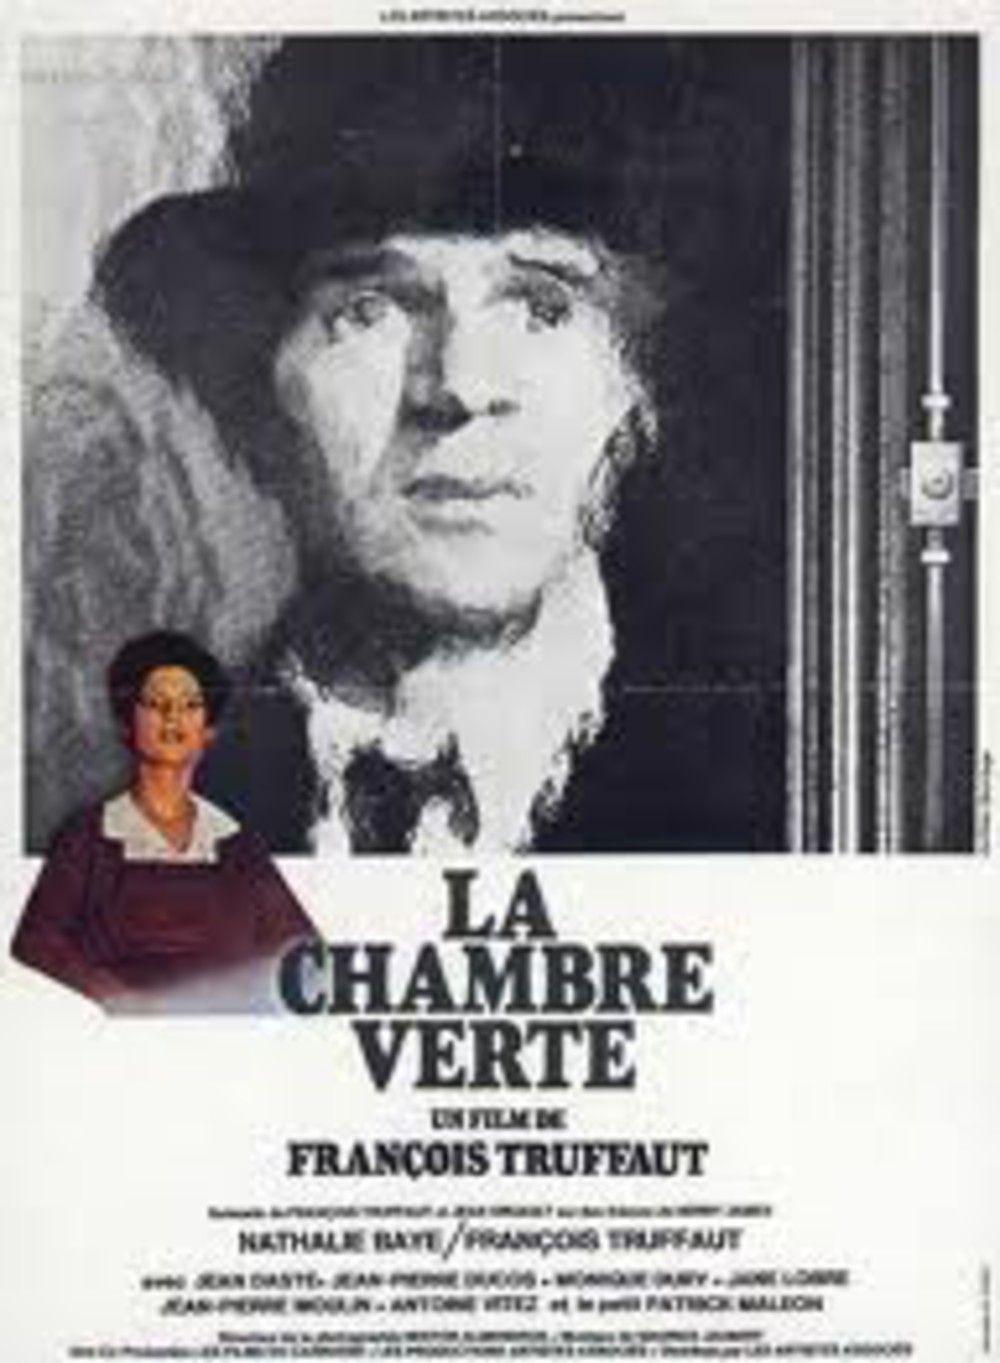 Chambre Verte Truffaut : François truffaut la chambre verte cinéma